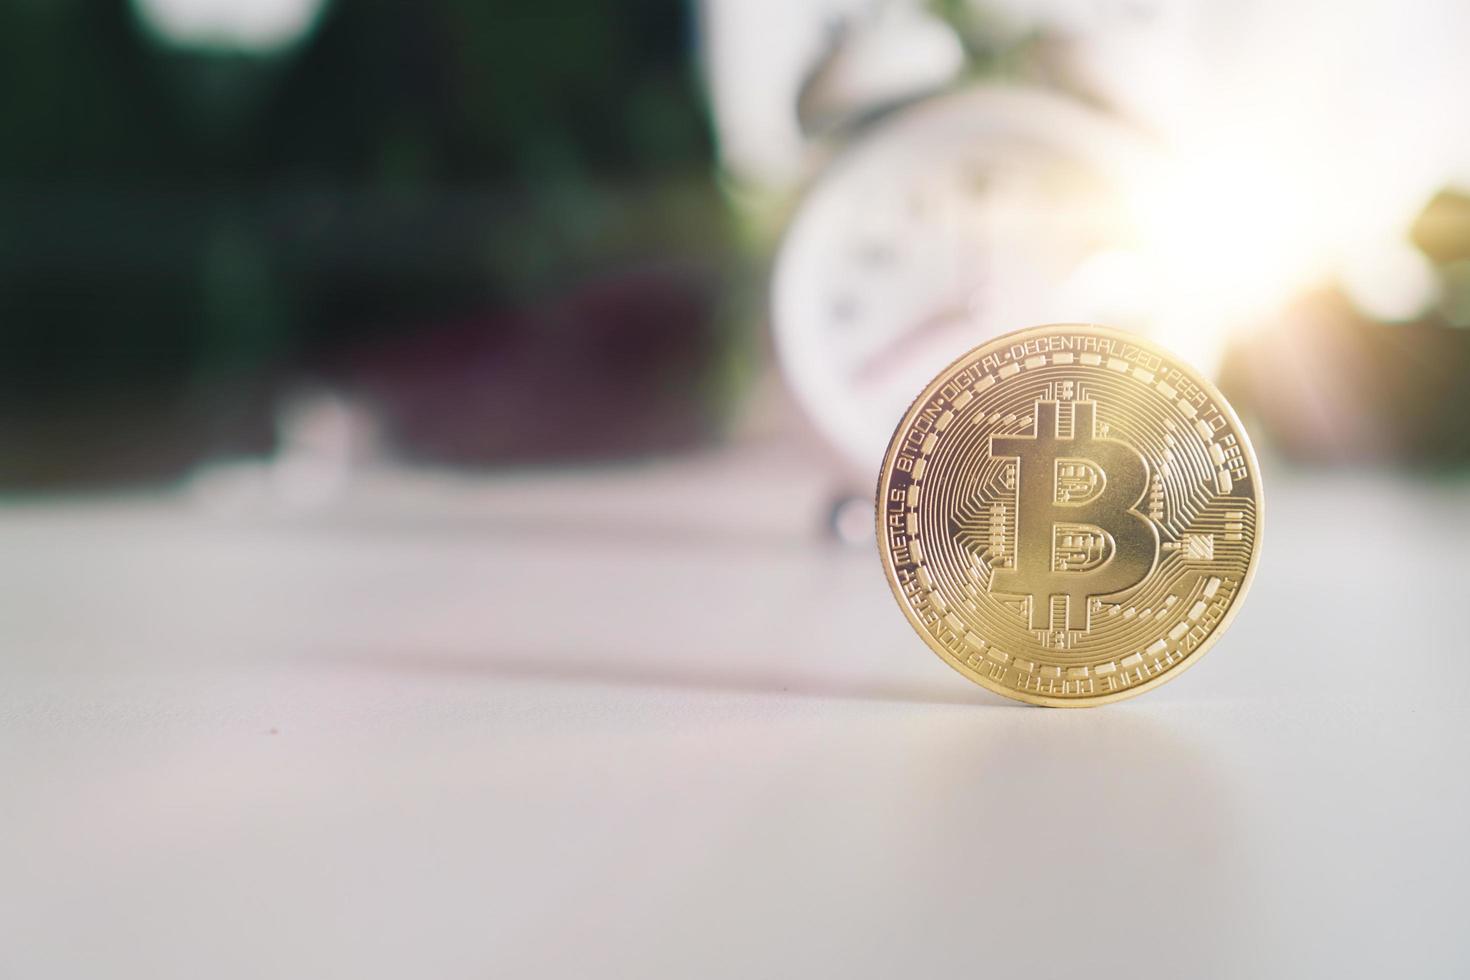 symbool van bitcoins als digitale geldcryptocurrency met aardachtergrond foto